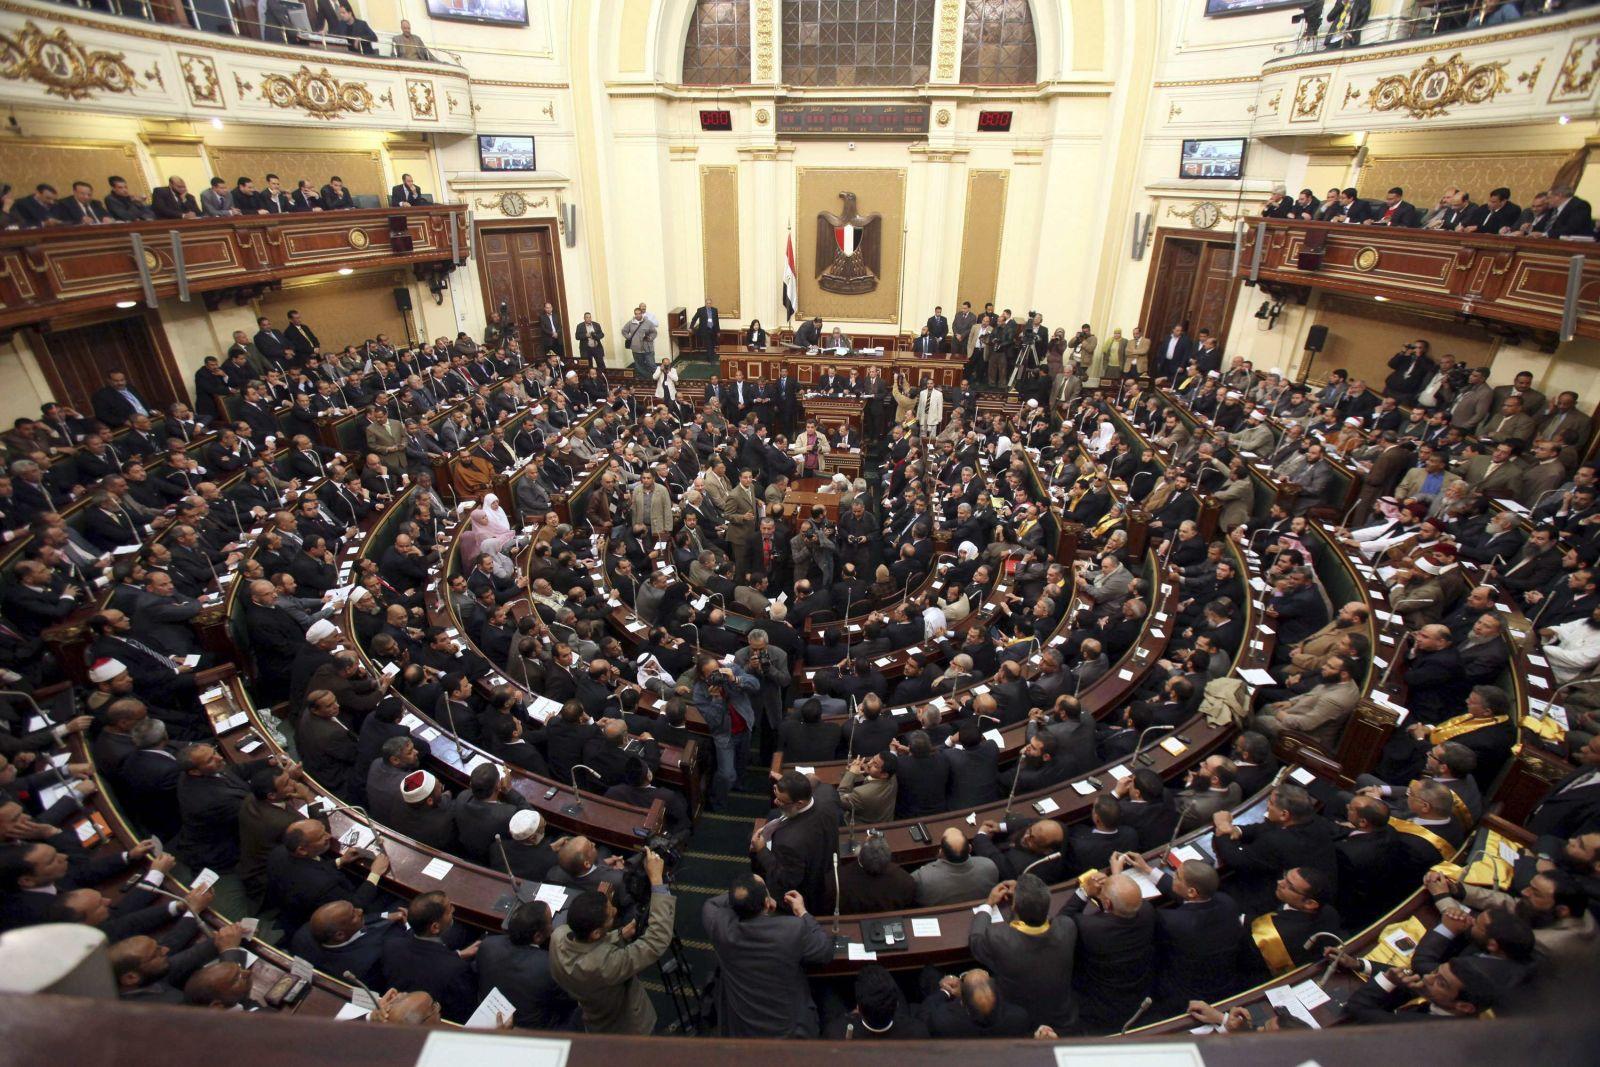 النواب عن التعديل الوزاري: 9 وزراء في مهب الريح، ووزير الأوقاف مقاتل